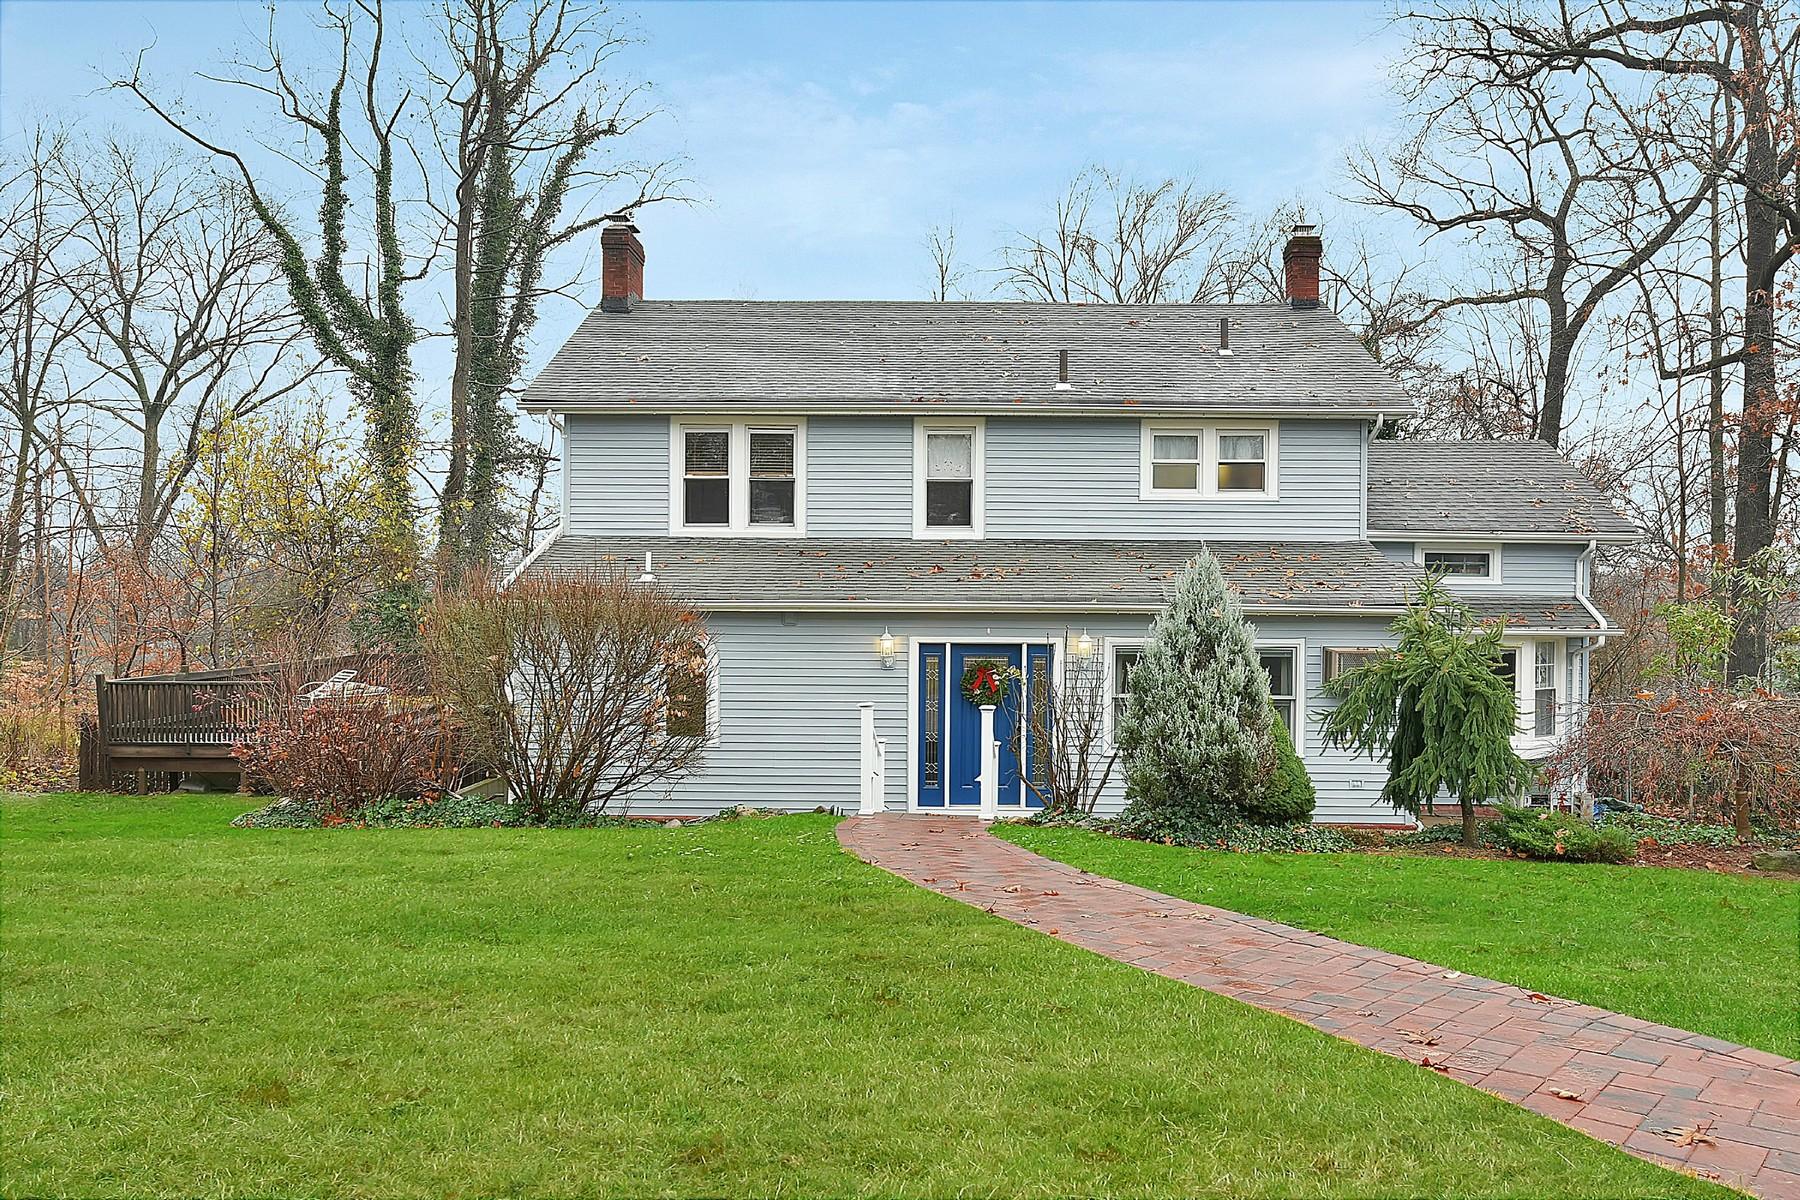 Частный односемейный дом для того Продажа на A Must-See Gem! 392 Lafayette Avenue Westwood, Нью-Джерси 07675 Соединенные Штаты